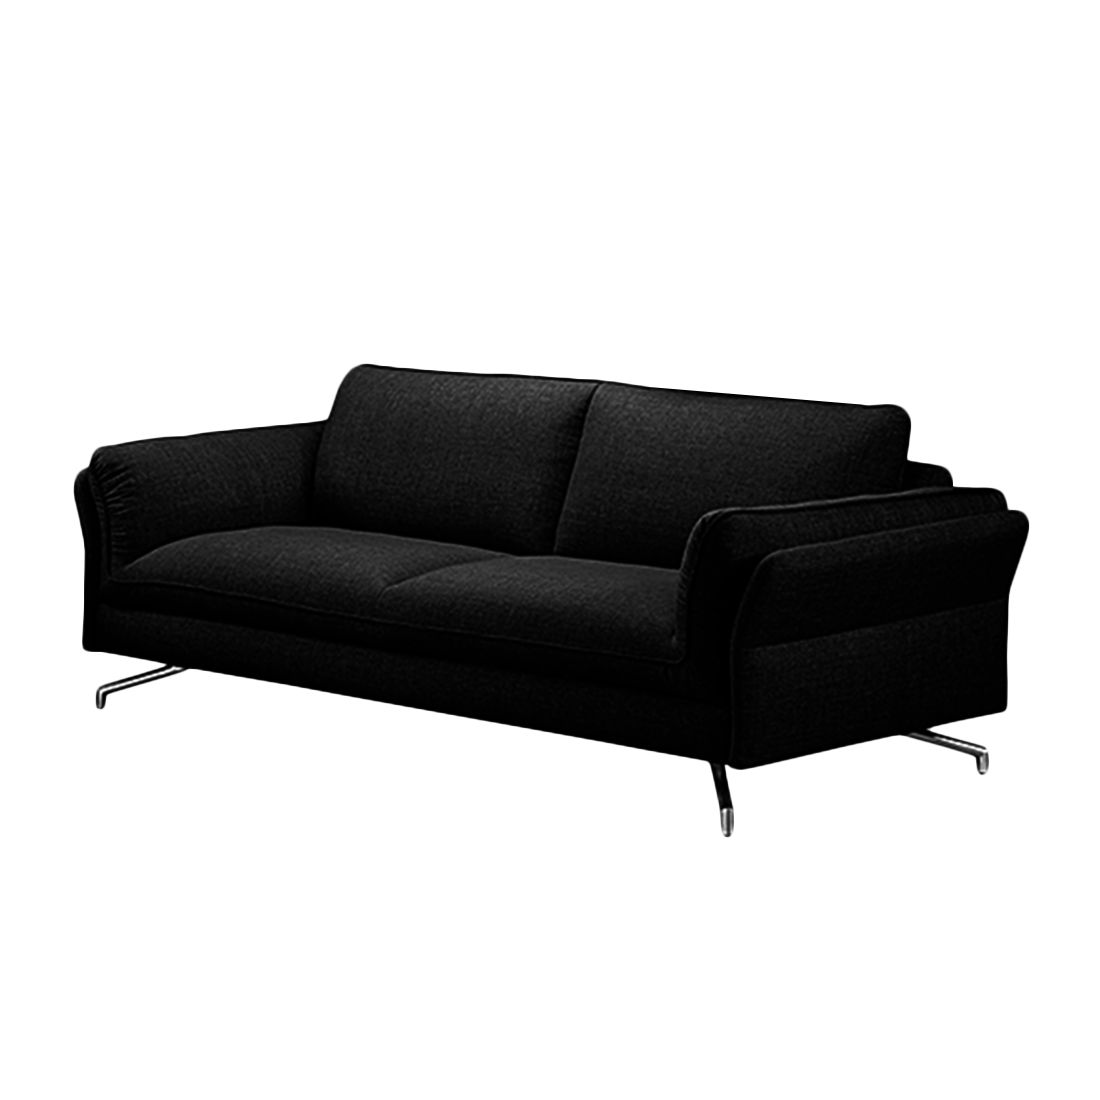 Sofa Enrico (2,5-Sitzer) – Webstoff Schwarz – Mit 1 Kopfstütze, loftscape online bestellen